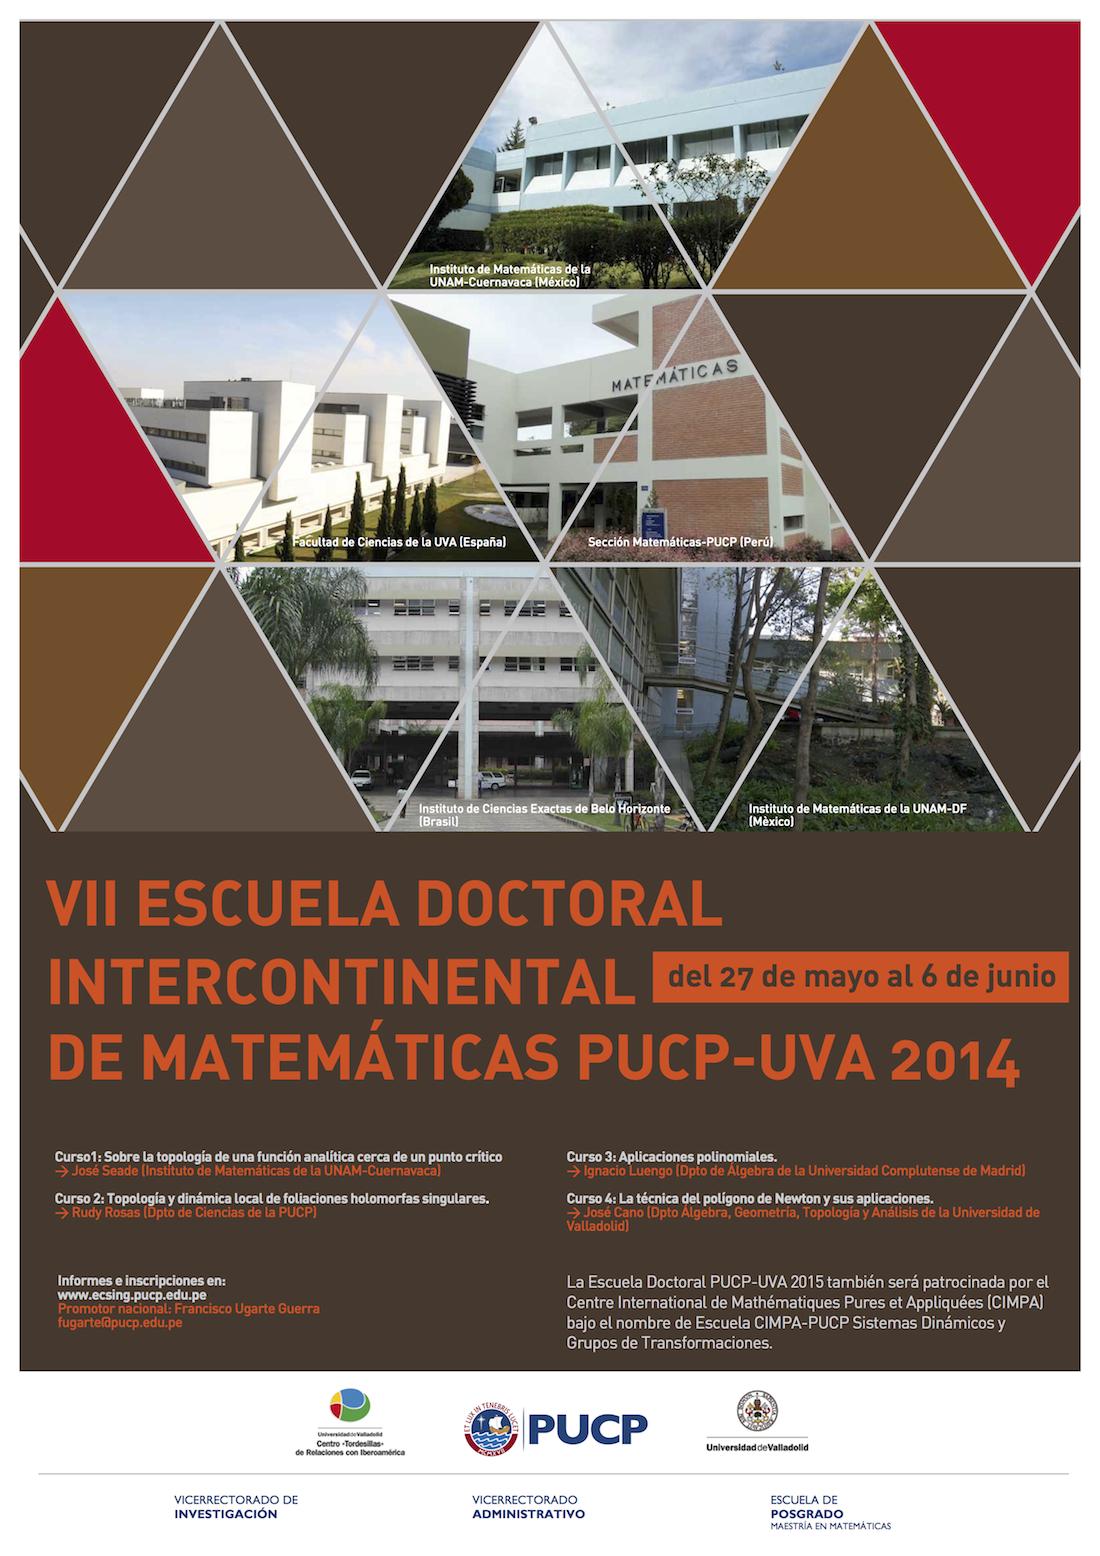 VII Escuela Doctoral Intercontinental de Matemáticas PUCP-UVA 2014